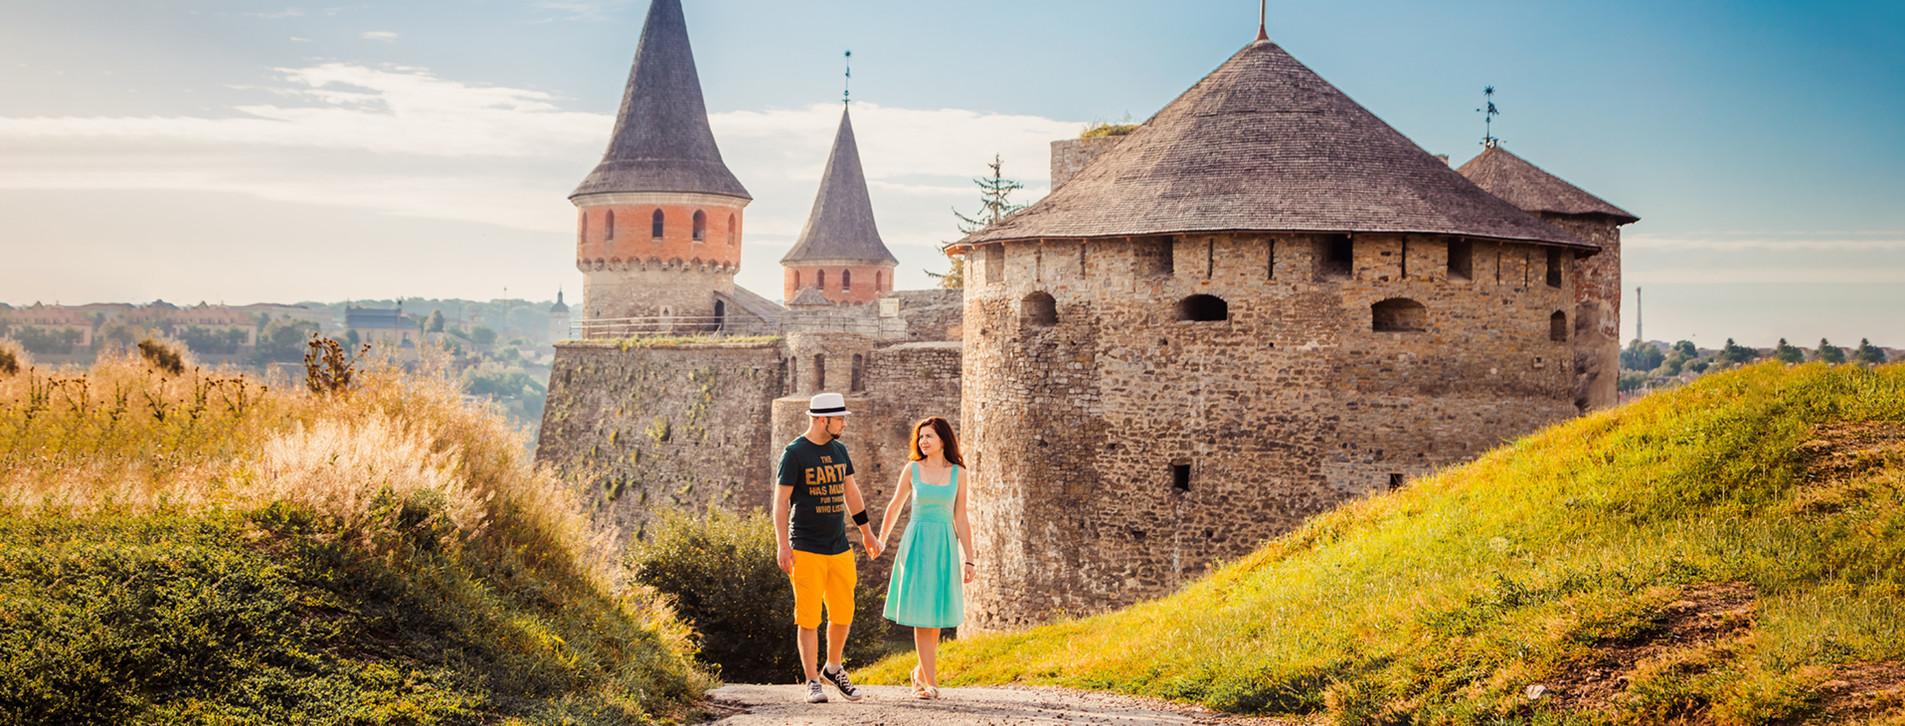 Фото 1 - Тур в Черновцы, Каменец-Подольский, Хотин для двоих